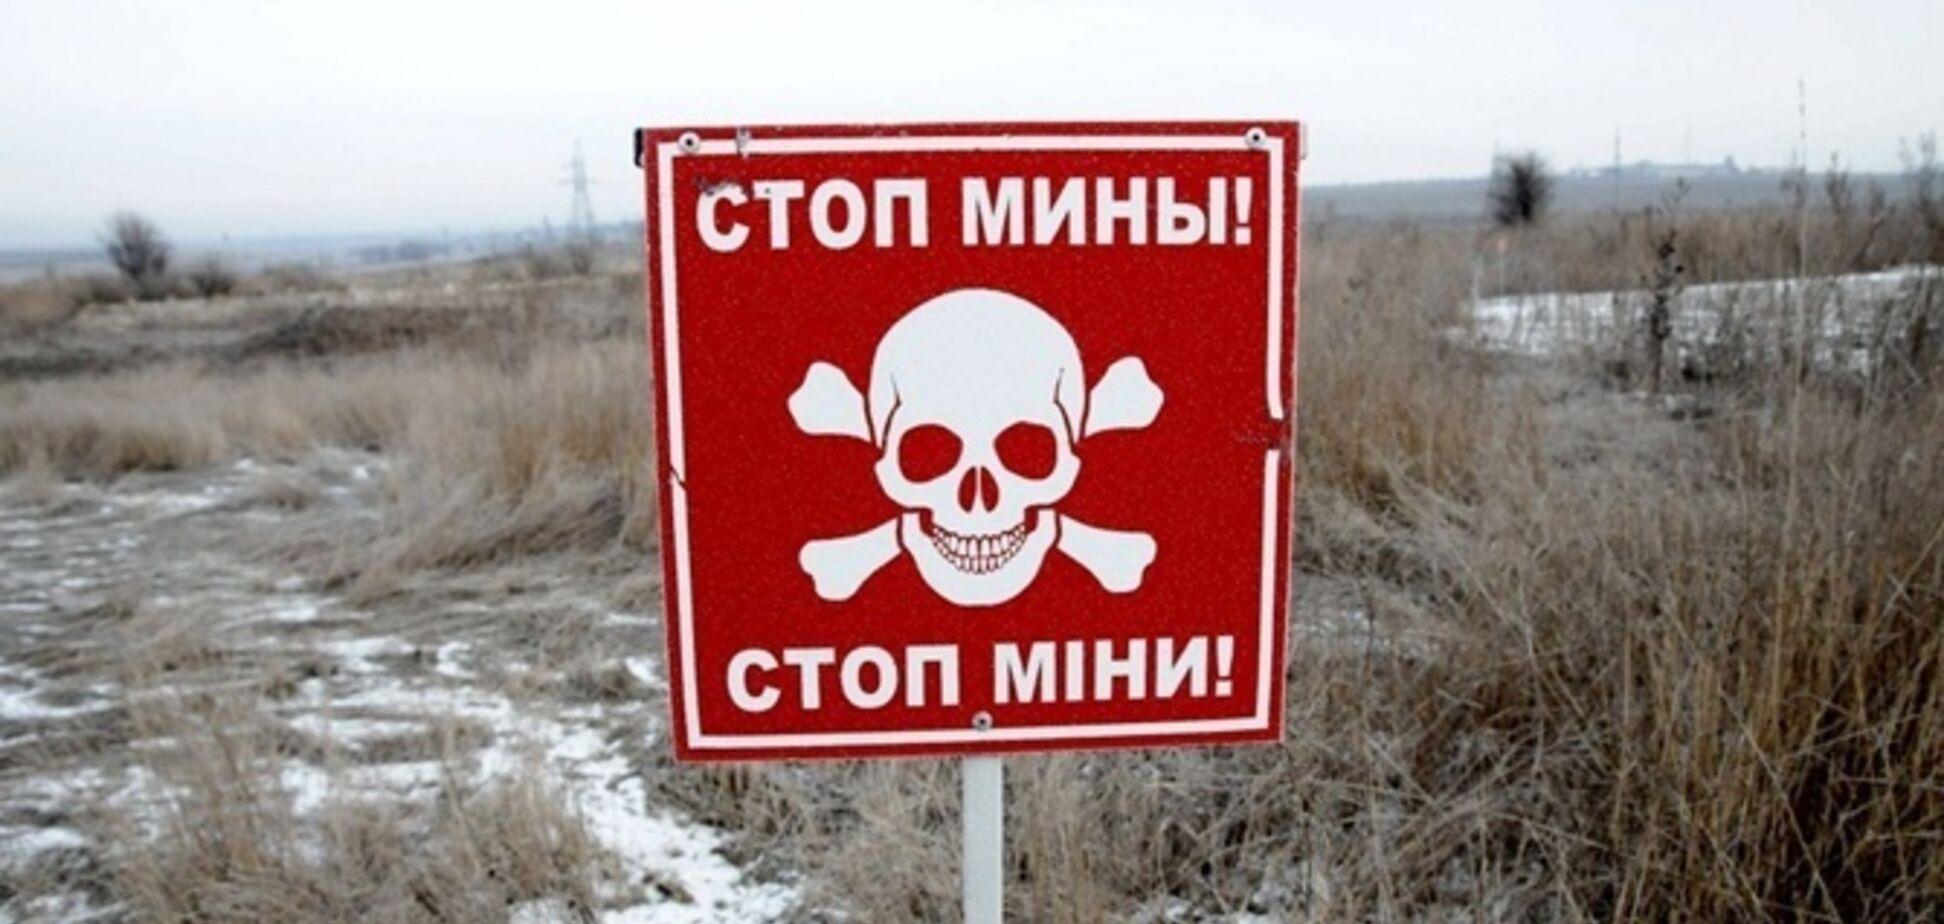 Розведення скасовується? Терористи влаштували 'мінну війну' на Донбасі